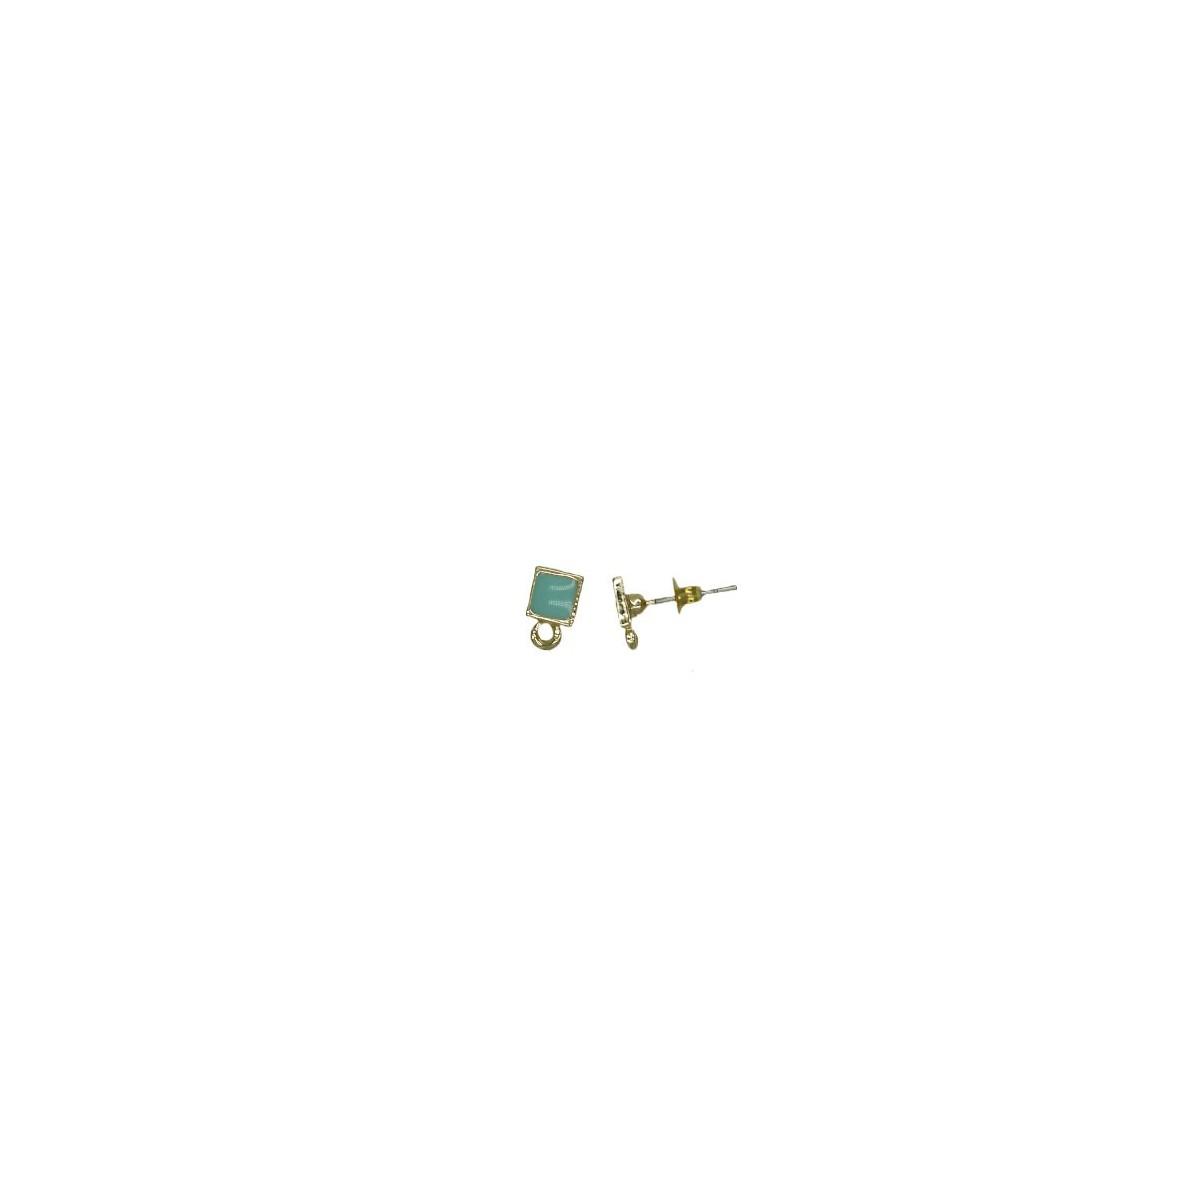 Orecchini in ottone quadrati smaltati turchese - 5x5 mm